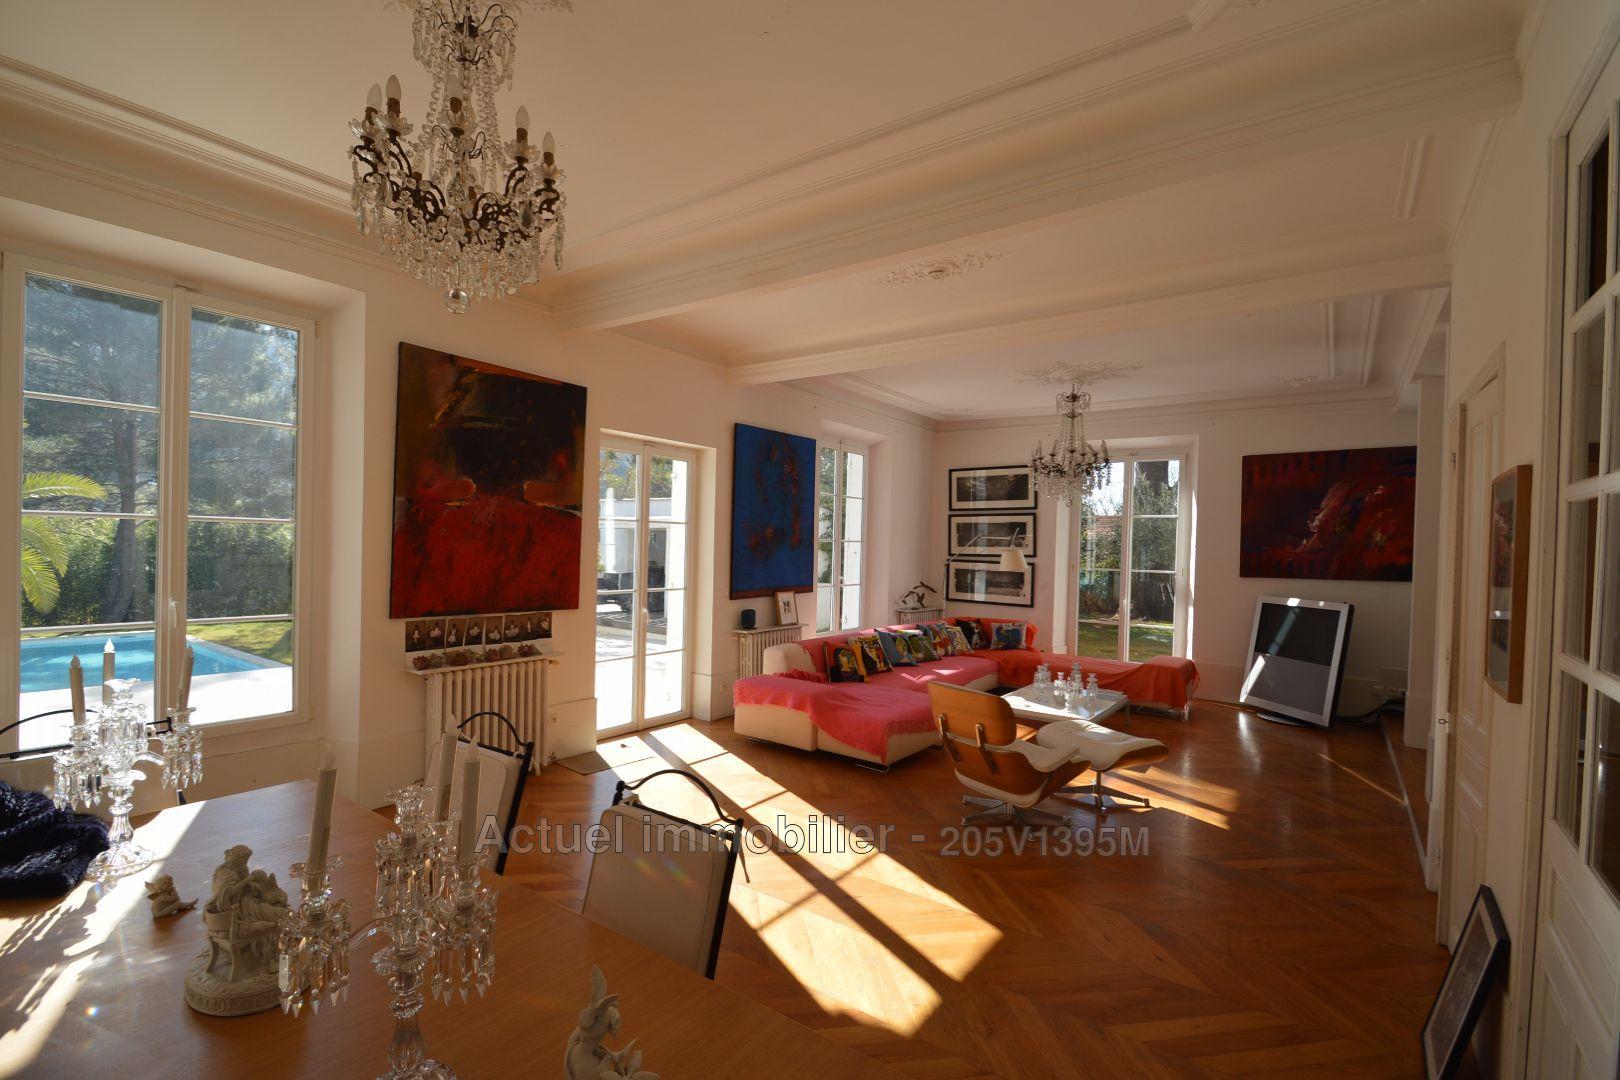 Comment réussir son investissement immobilier en Aix en provence